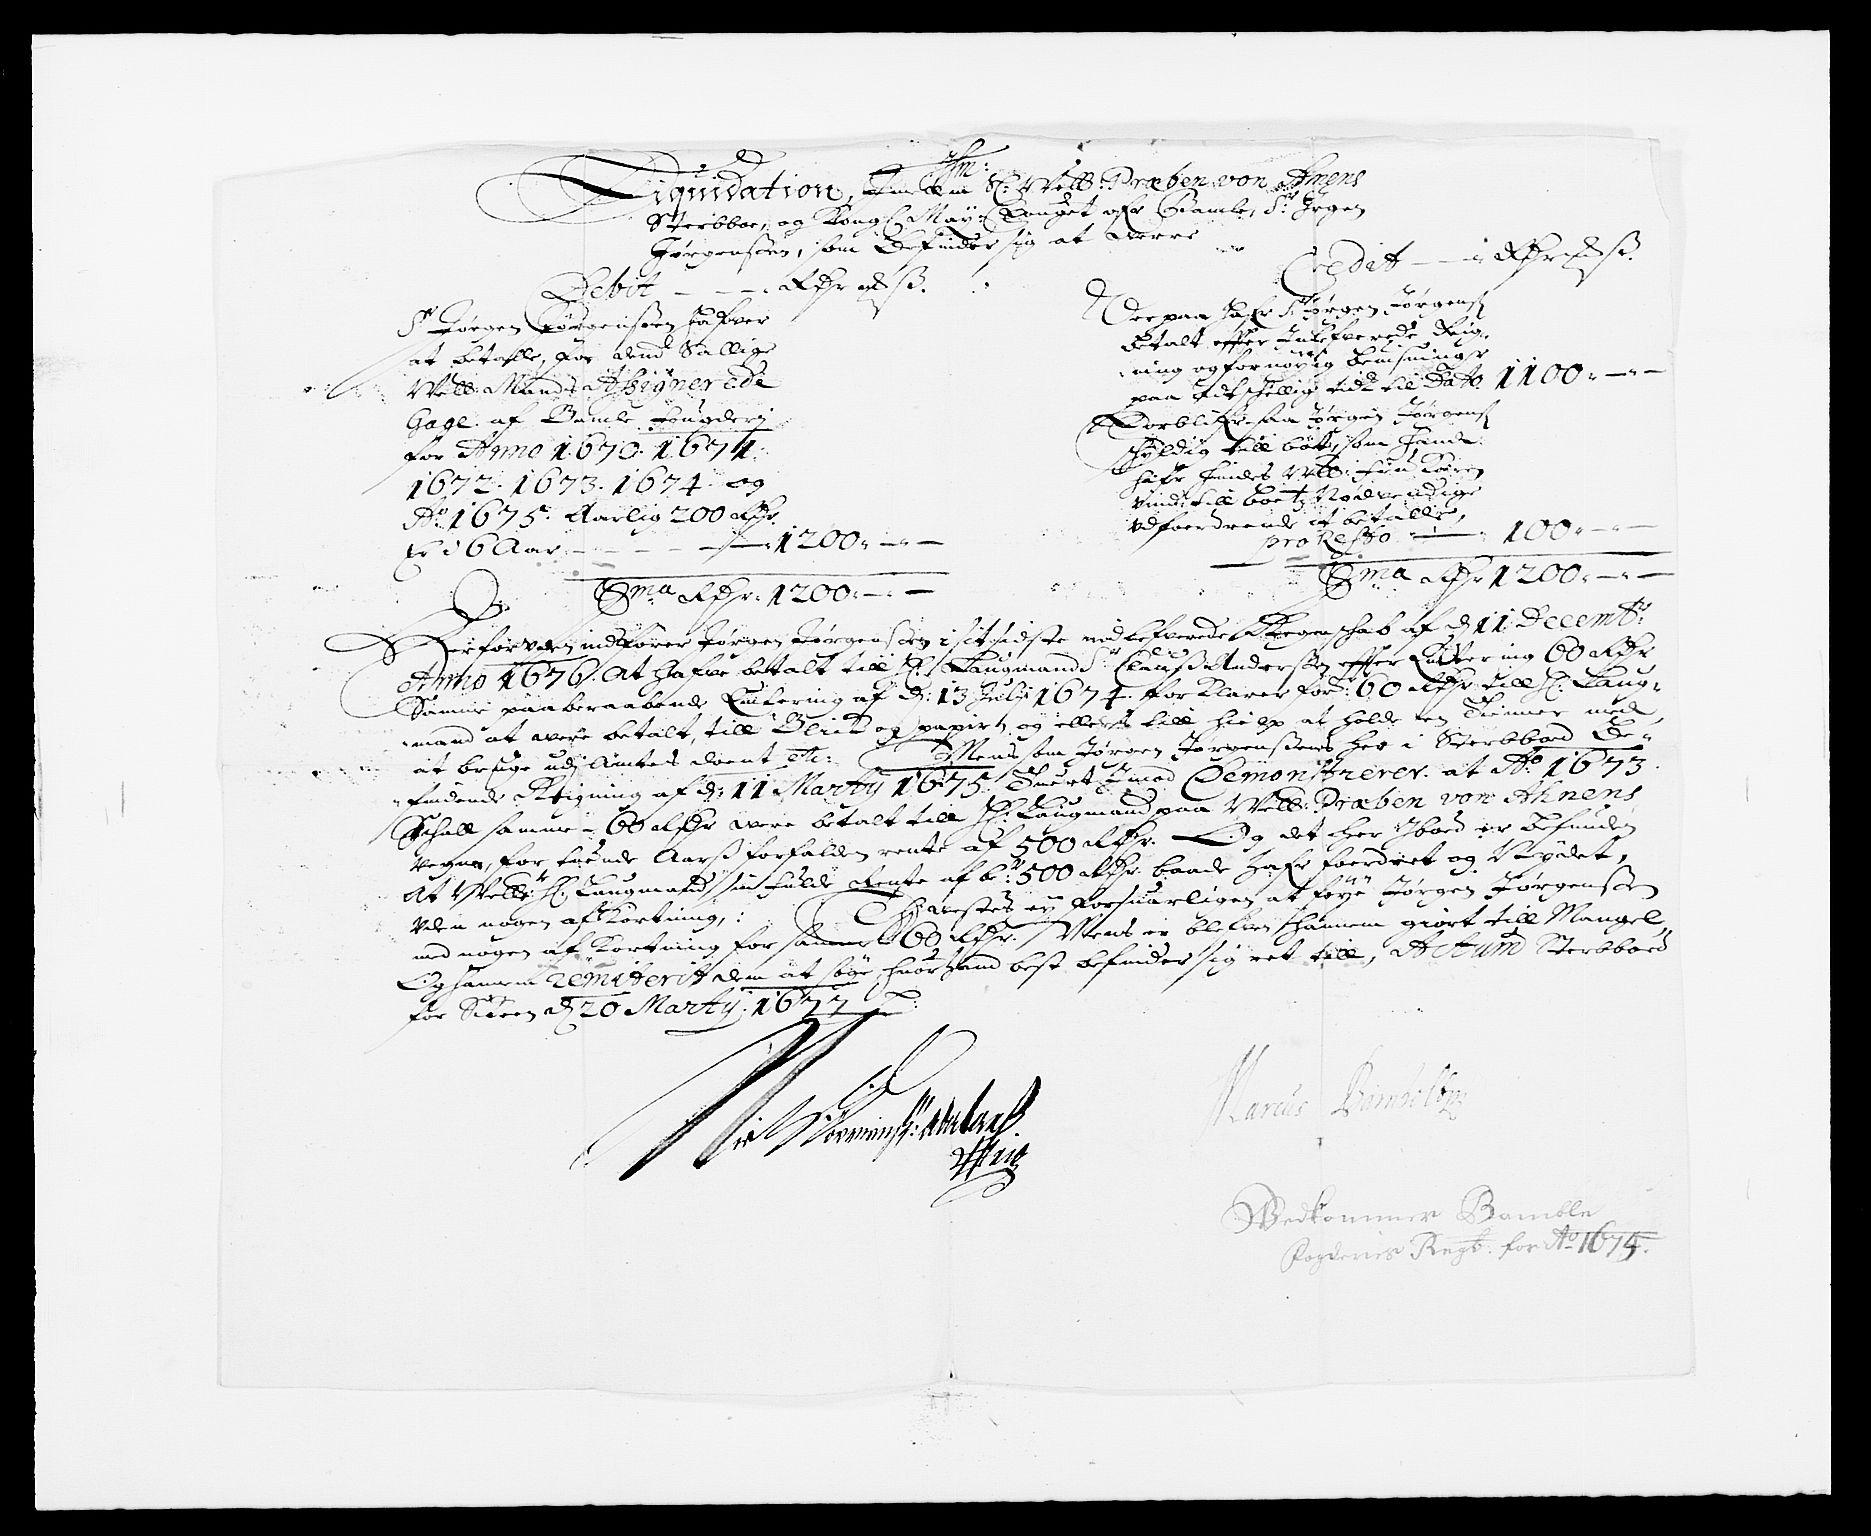 RA, Rentekammeret inntil 1814, Reviderte regnskaper, Fogderegnskap, R34/L2042: Fogderegnskap Bamble, 1673-1675, s. 442